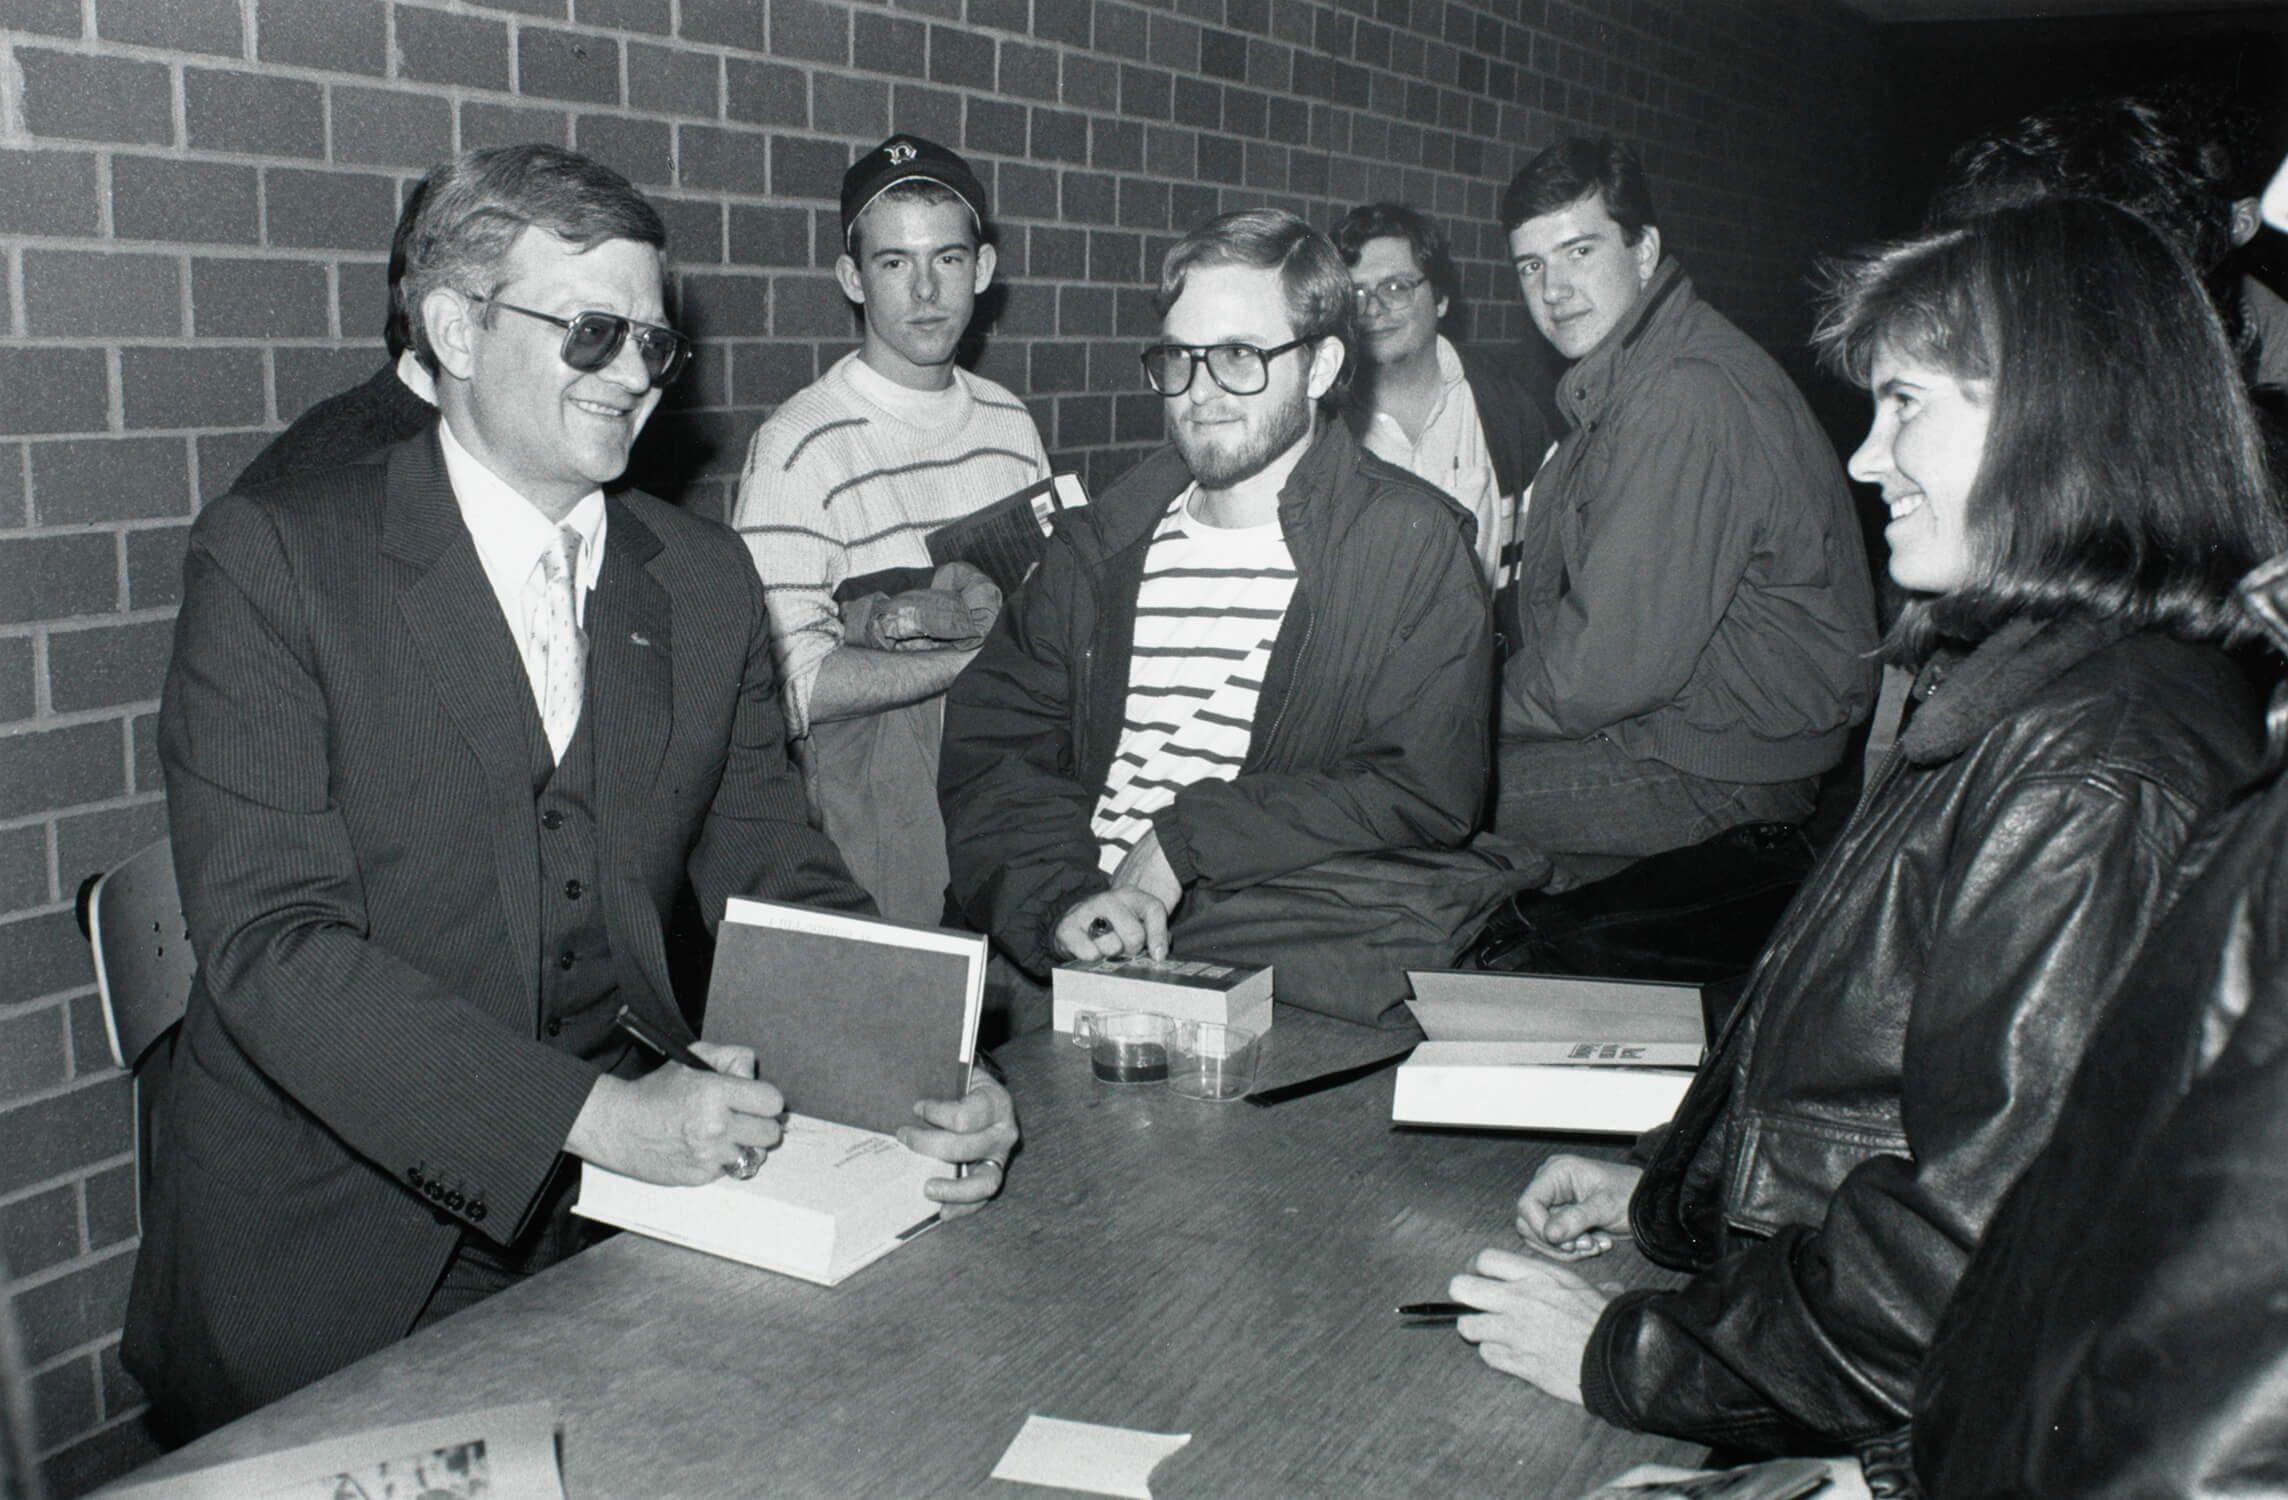 Автор политических бестселлеров Том Клэнси (слева) в библиотеке Бостонского колледжа, ноябрь 1989 / wikipedia.org